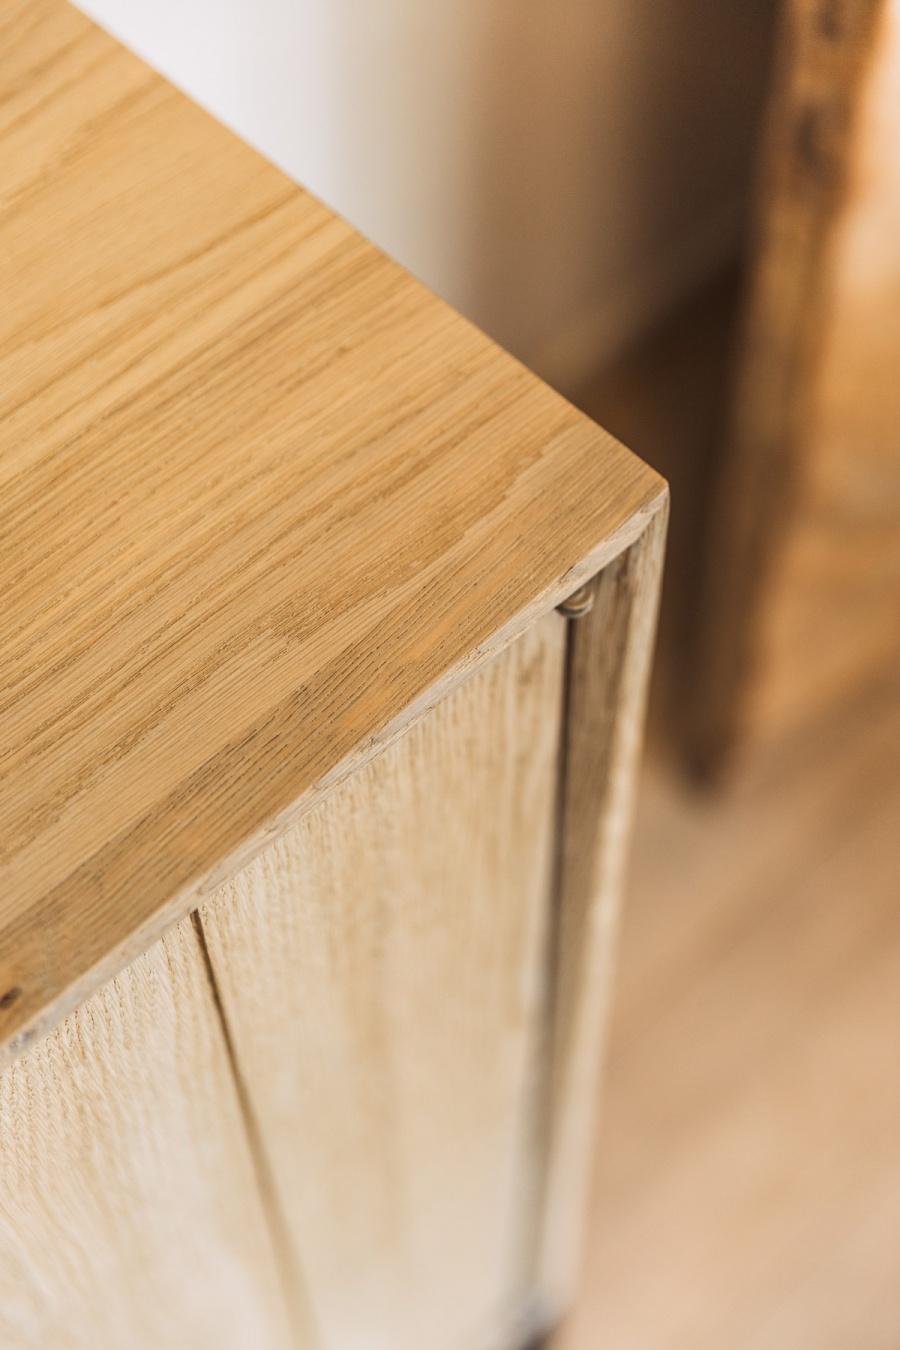 Sanskriet - Buffetkasten - Oak frame Dressoir